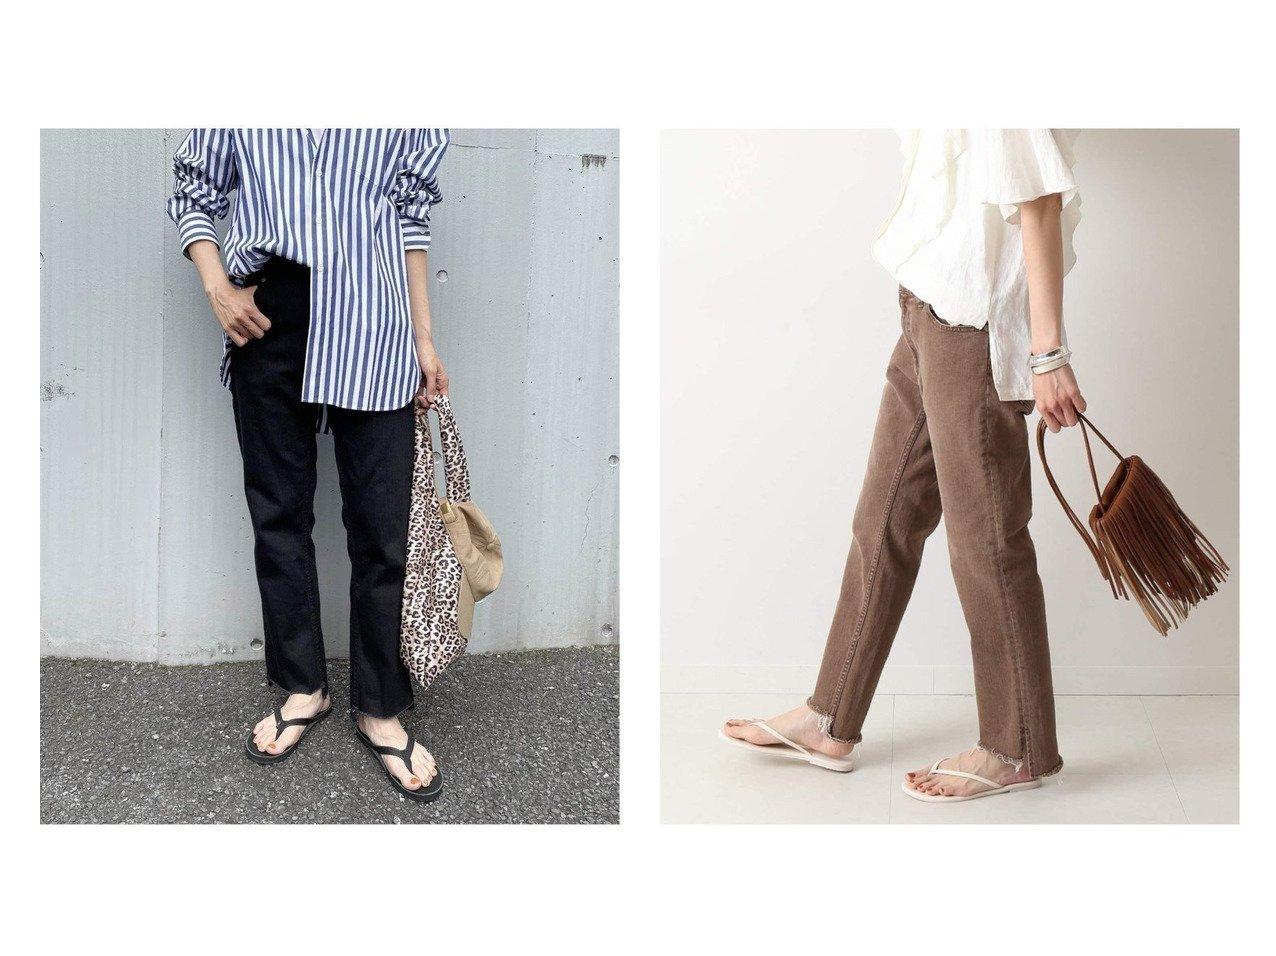 【FRAMeWORK/フレームワーク】の裾スリット デニムクロップドパンツ 【パンツ】おすすめ!人気、トレンド・レディースファッションの通販 おすすめで人気の流行・トレンド、ファッションの通販商品 インテリア・家具・メンズファッション・キッズファッション・レディースファッション・服の通販 founy(ファニー) https://founy.com/ ファッション Fashion レディースファッション WOMEN パンツ Pants クロップド シューズ ジーンズ ストレッチ スリット デニム 人気 バランス 2021年 2021 S/S・春夏 SS・Spring/Summer 2021春夏・S/S SS/Spring/Summer/2021  ID:crp329100000061120